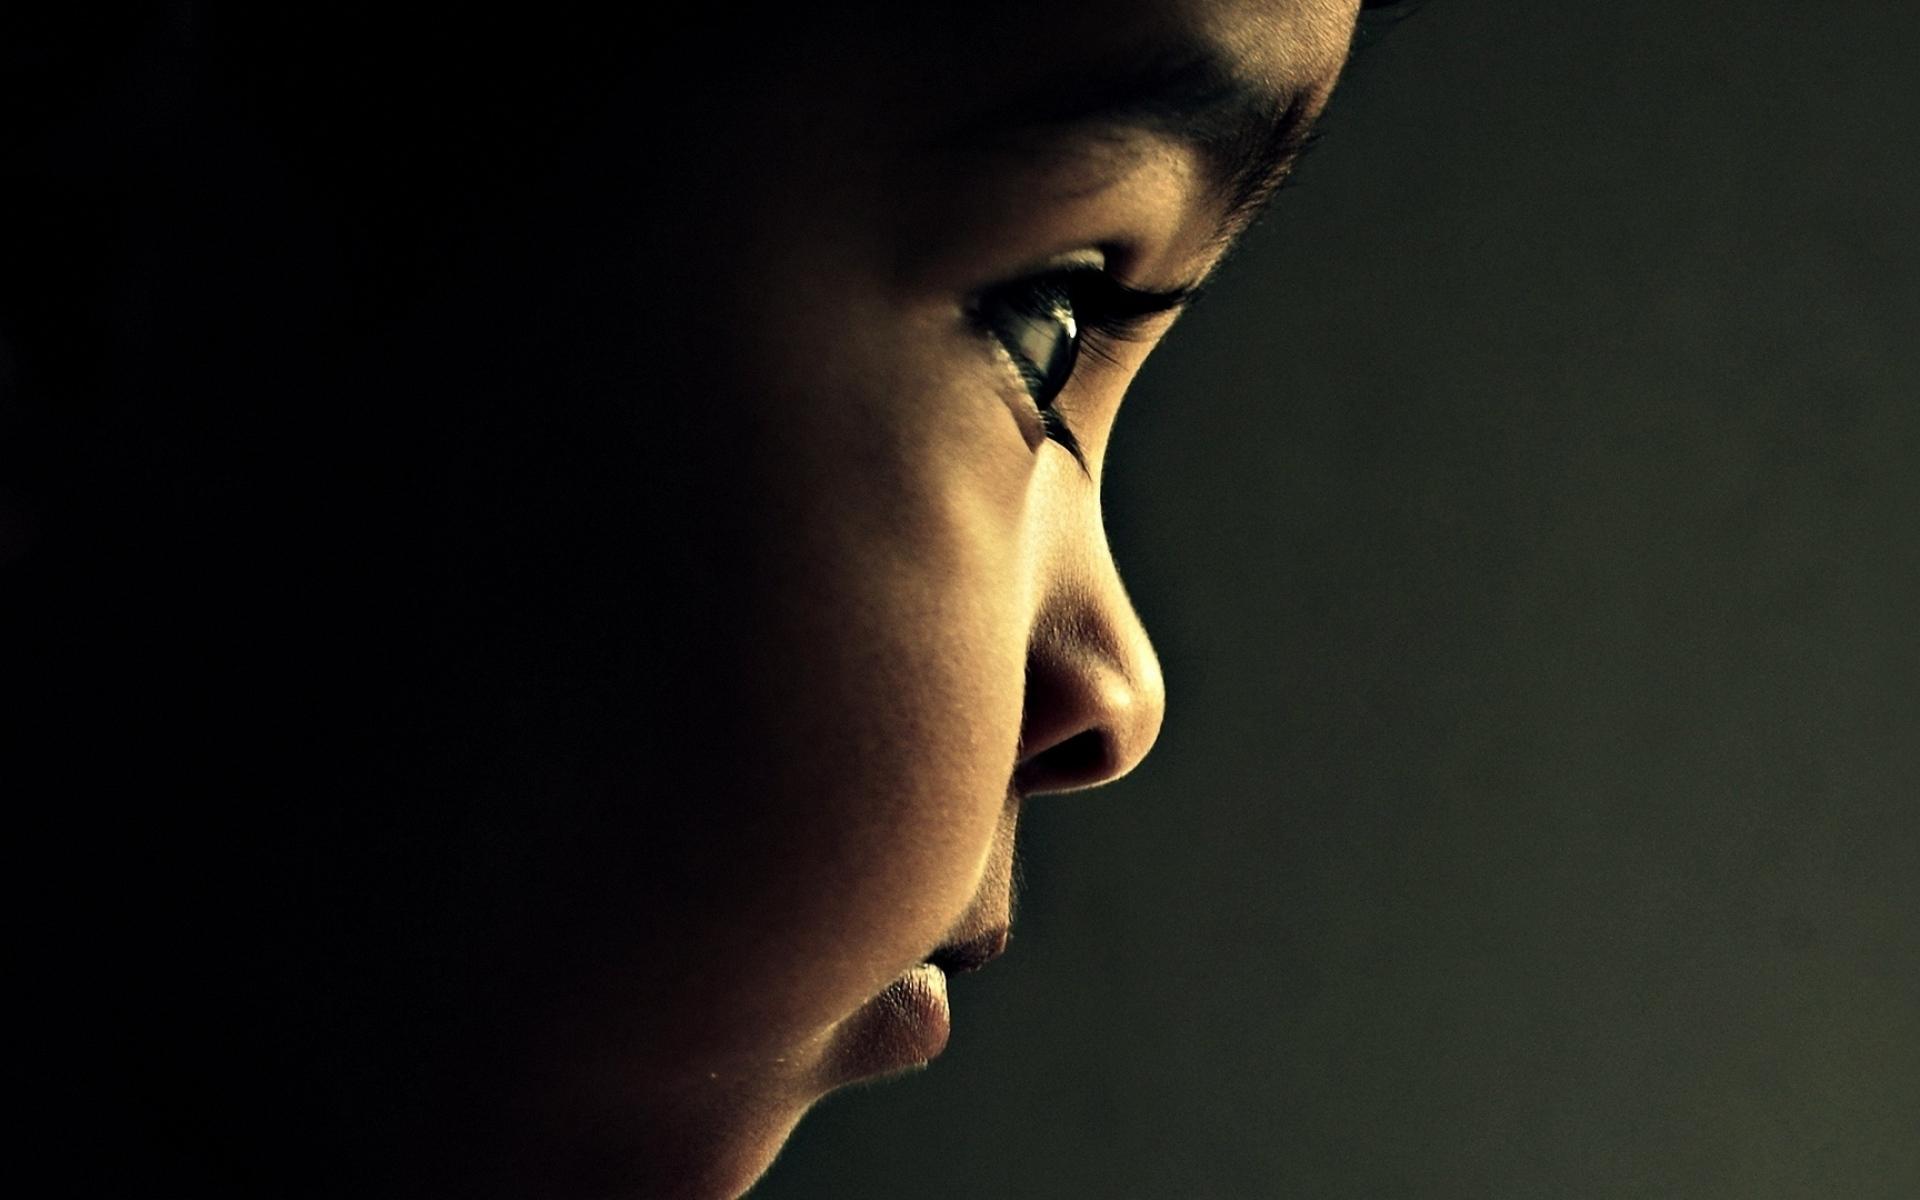 Картинки Ребенок, глаза, профиль, тень, ресницы фото и обои на рабочий стол